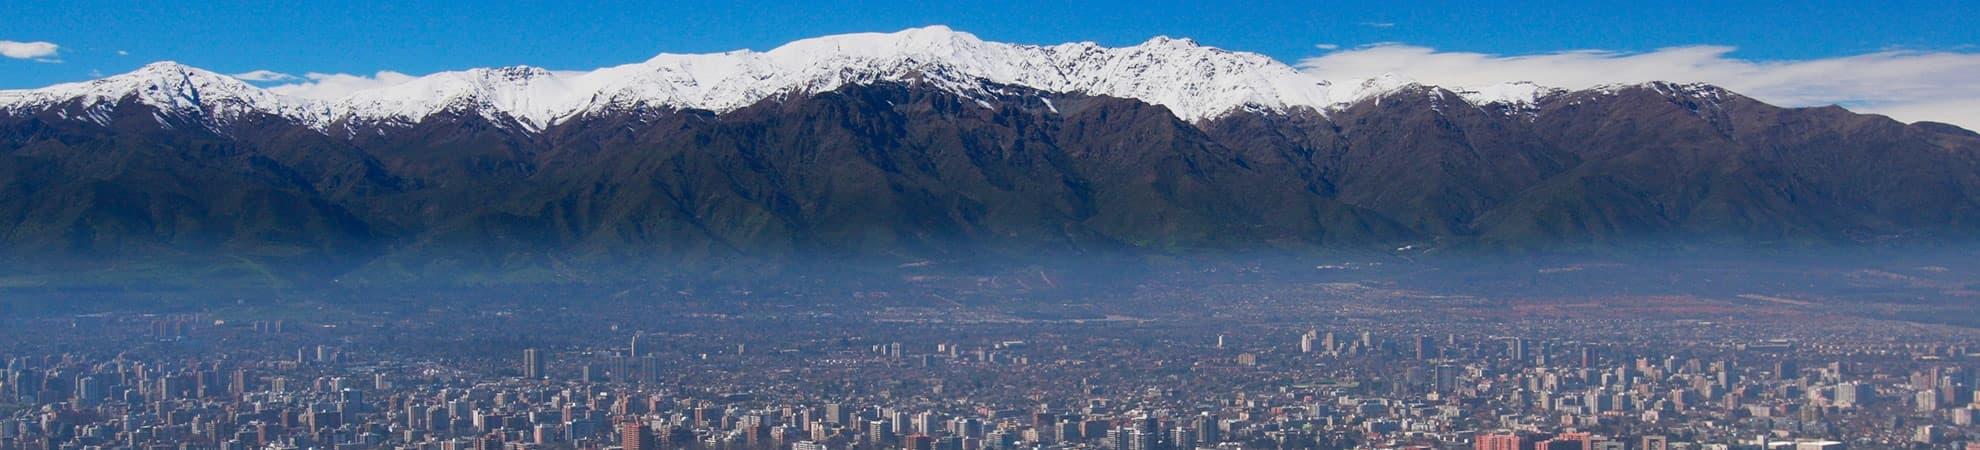 Voyage Chili Central au Chili